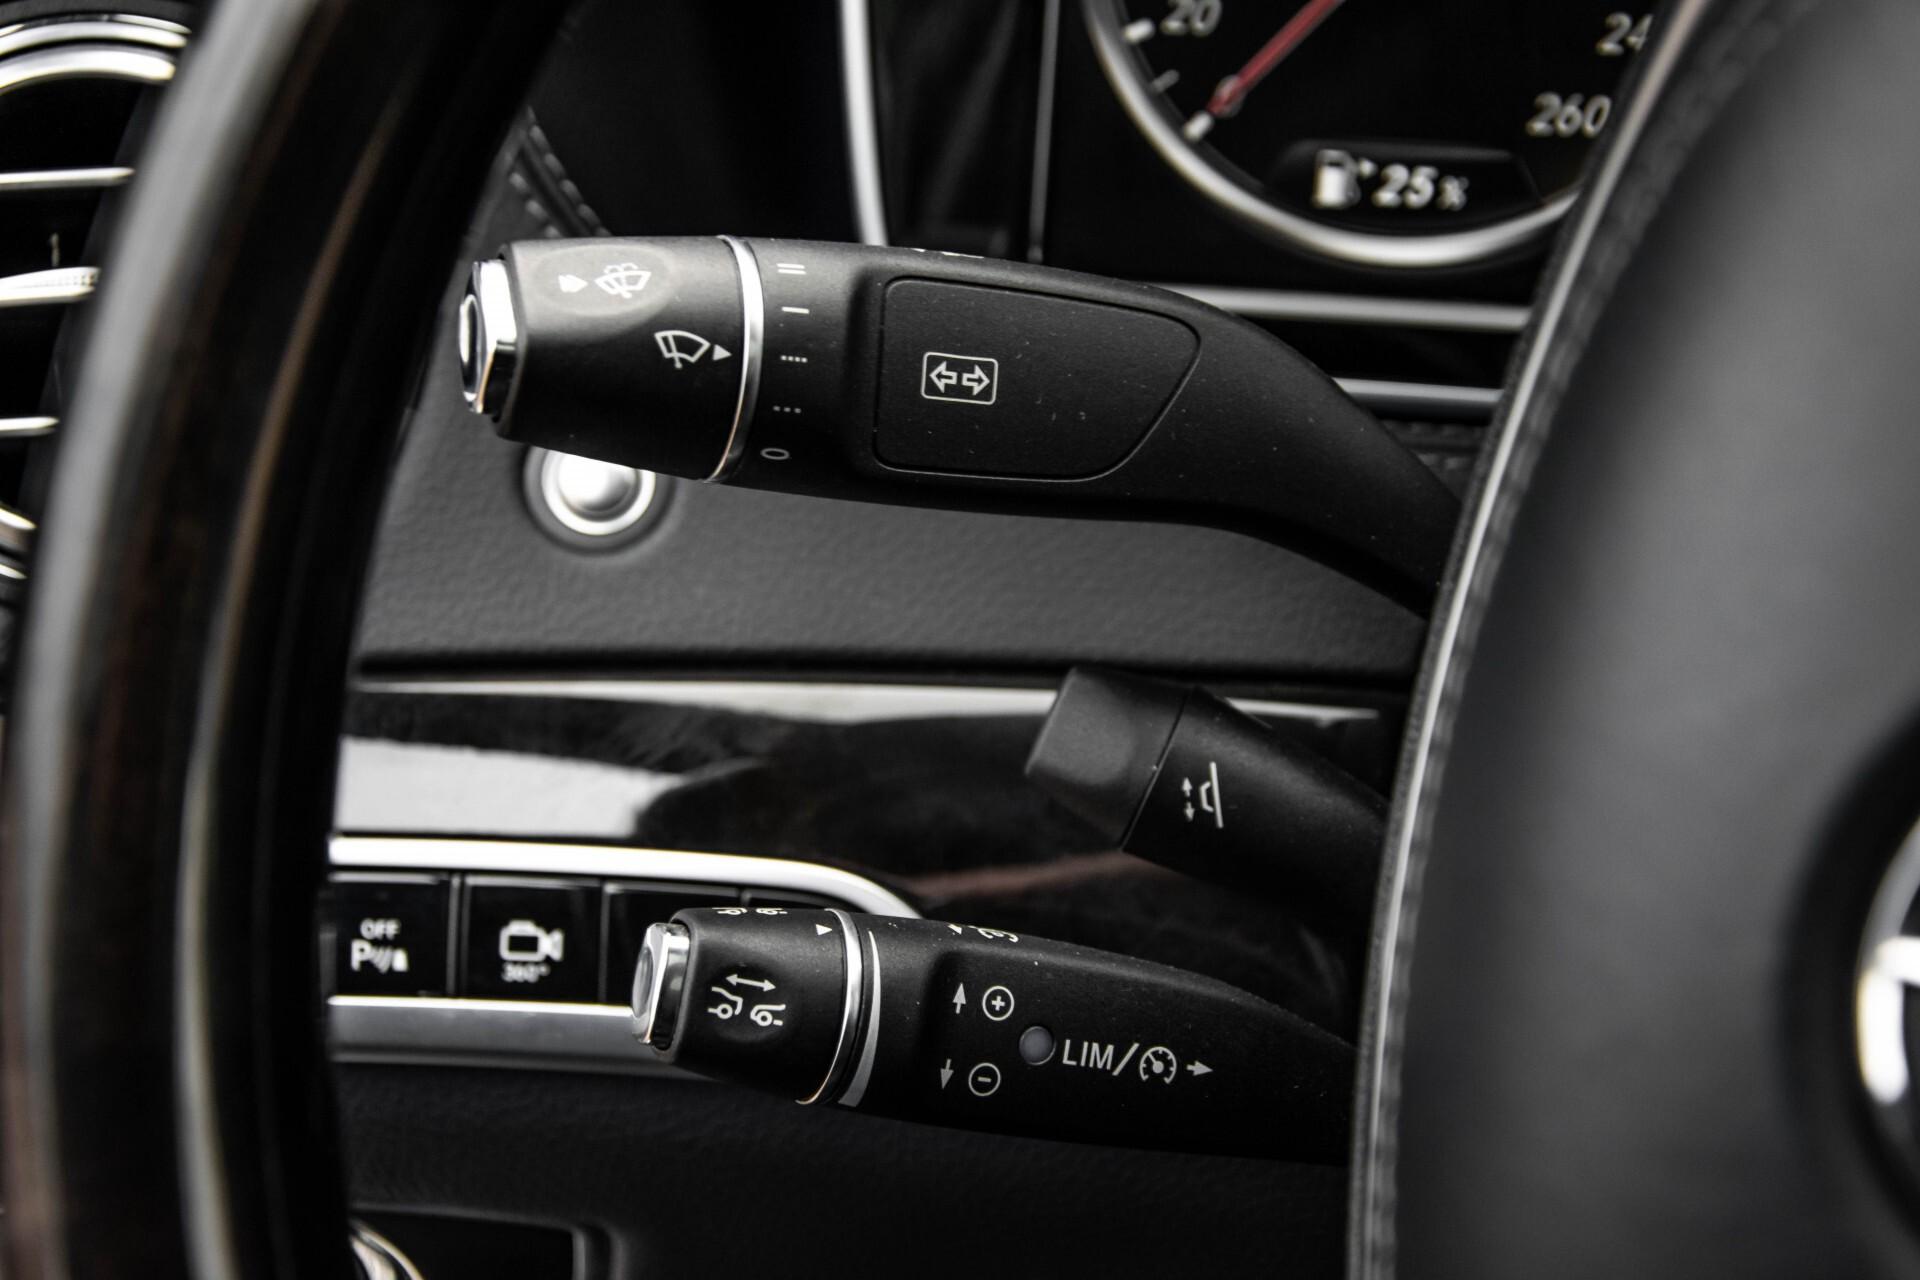 Mercedes-Benz S-Klasse 500 4-M AMG Panorama/Standkachel/Massage/Entertainment/TV Aut7 Foto 11